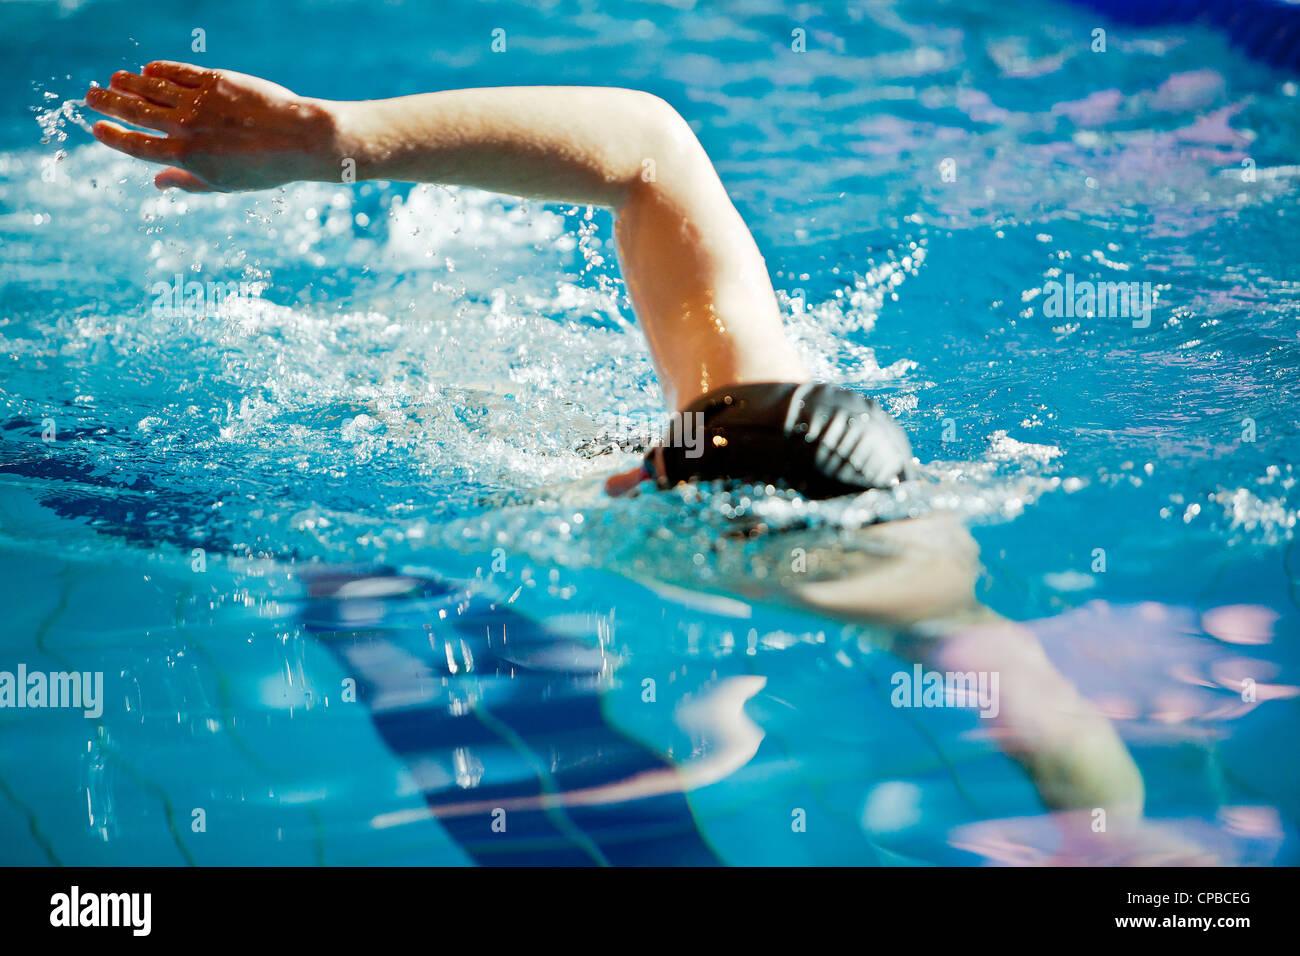 - Un athlète nageur Photo Stock